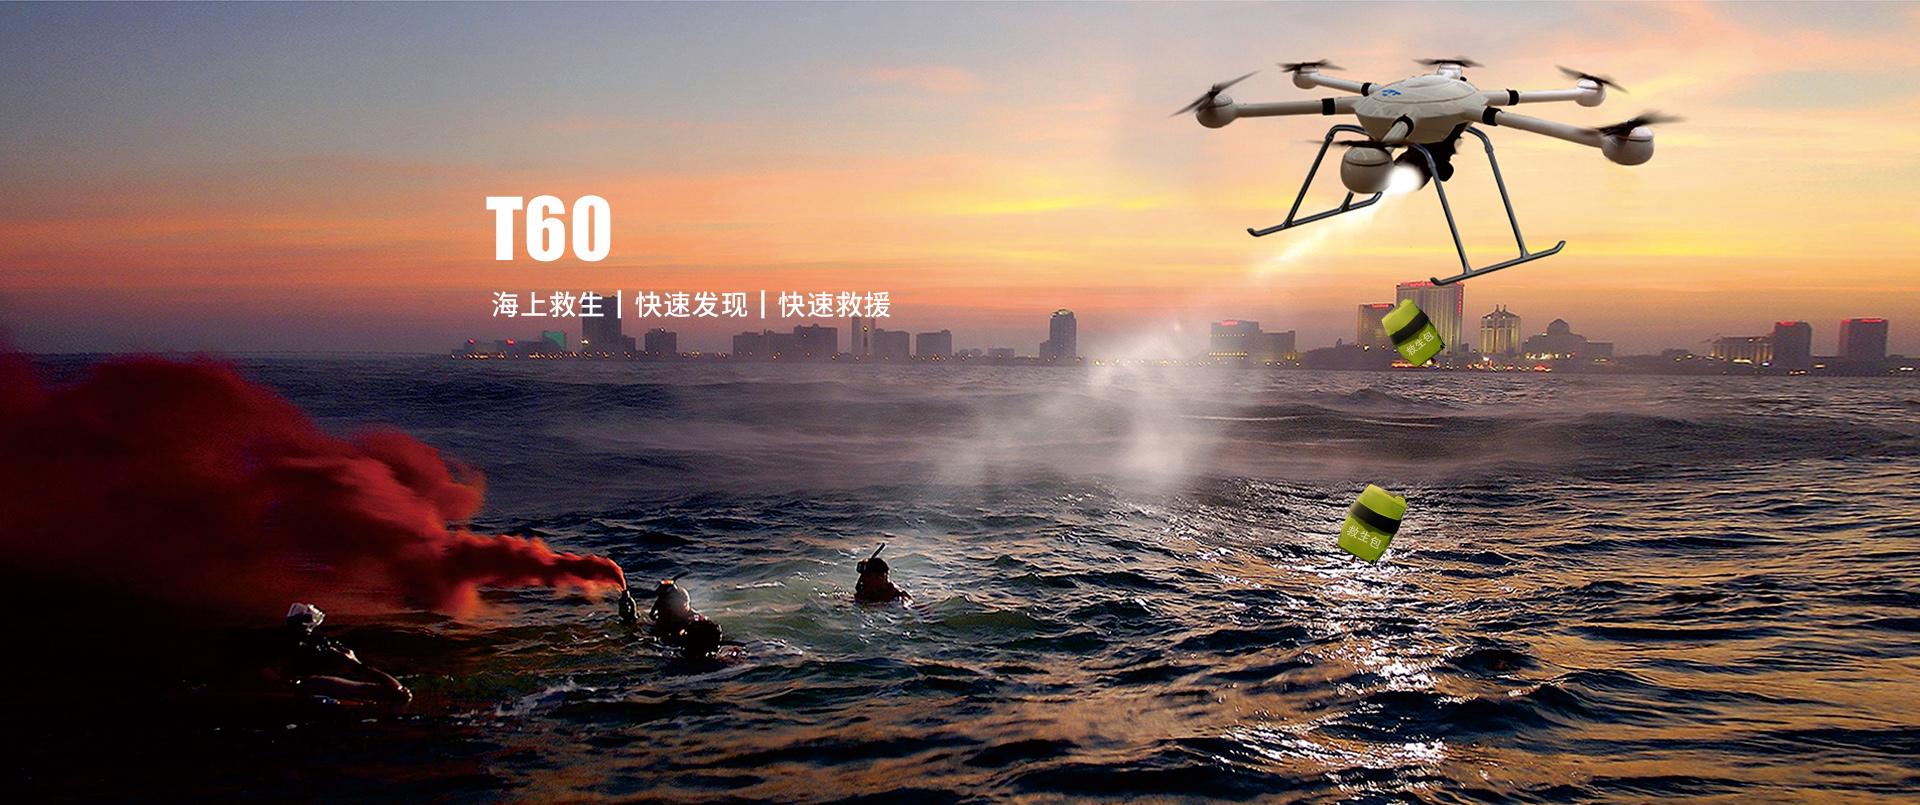 T60 工业无人机